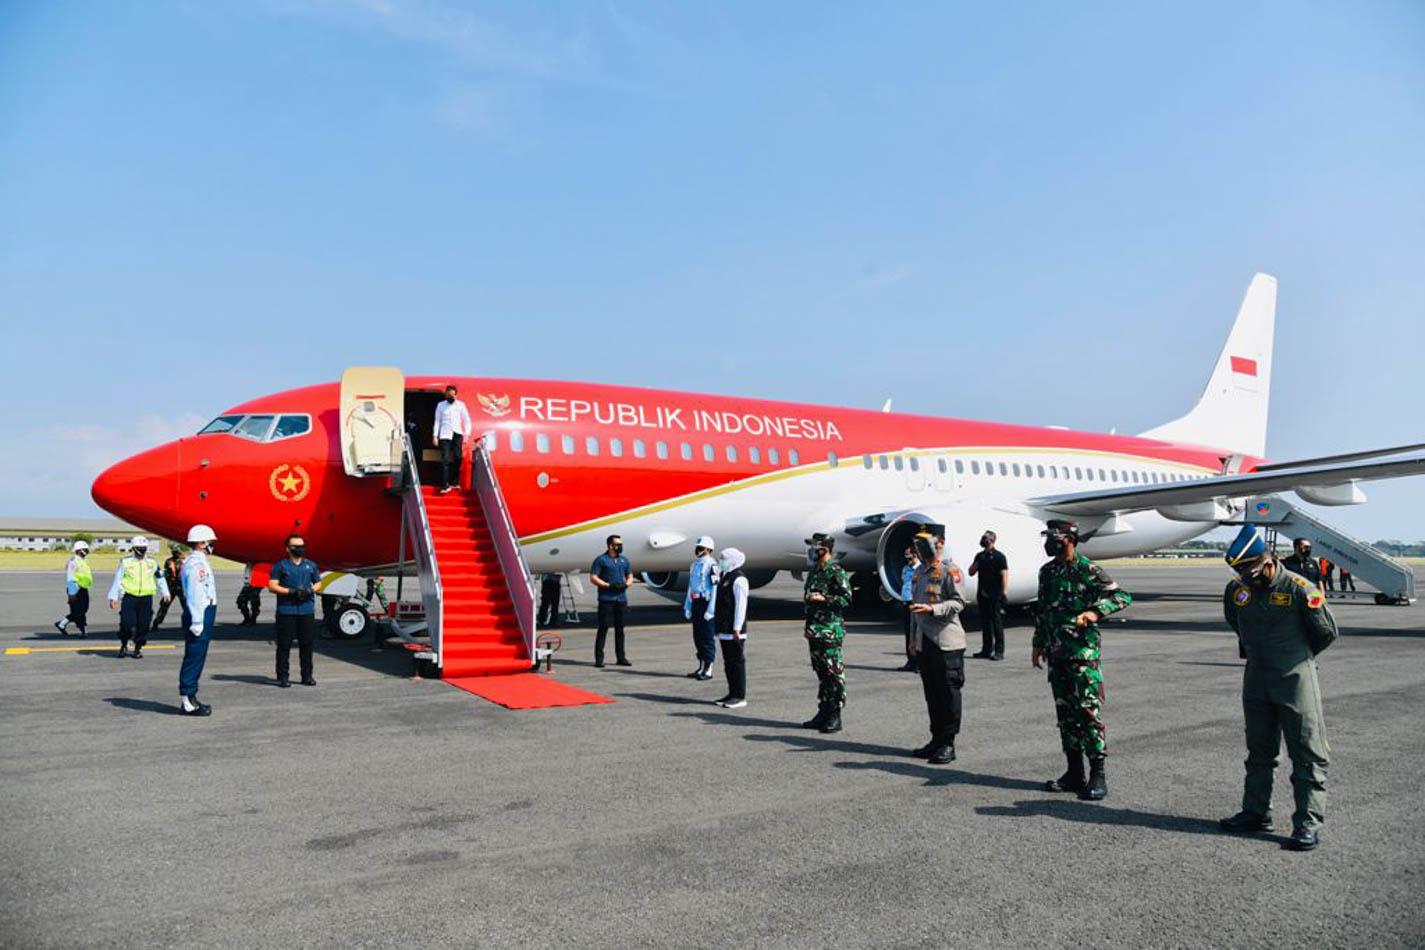 Penampakan Pesawat Kepresidenan RI-I yang Berwarna Merah